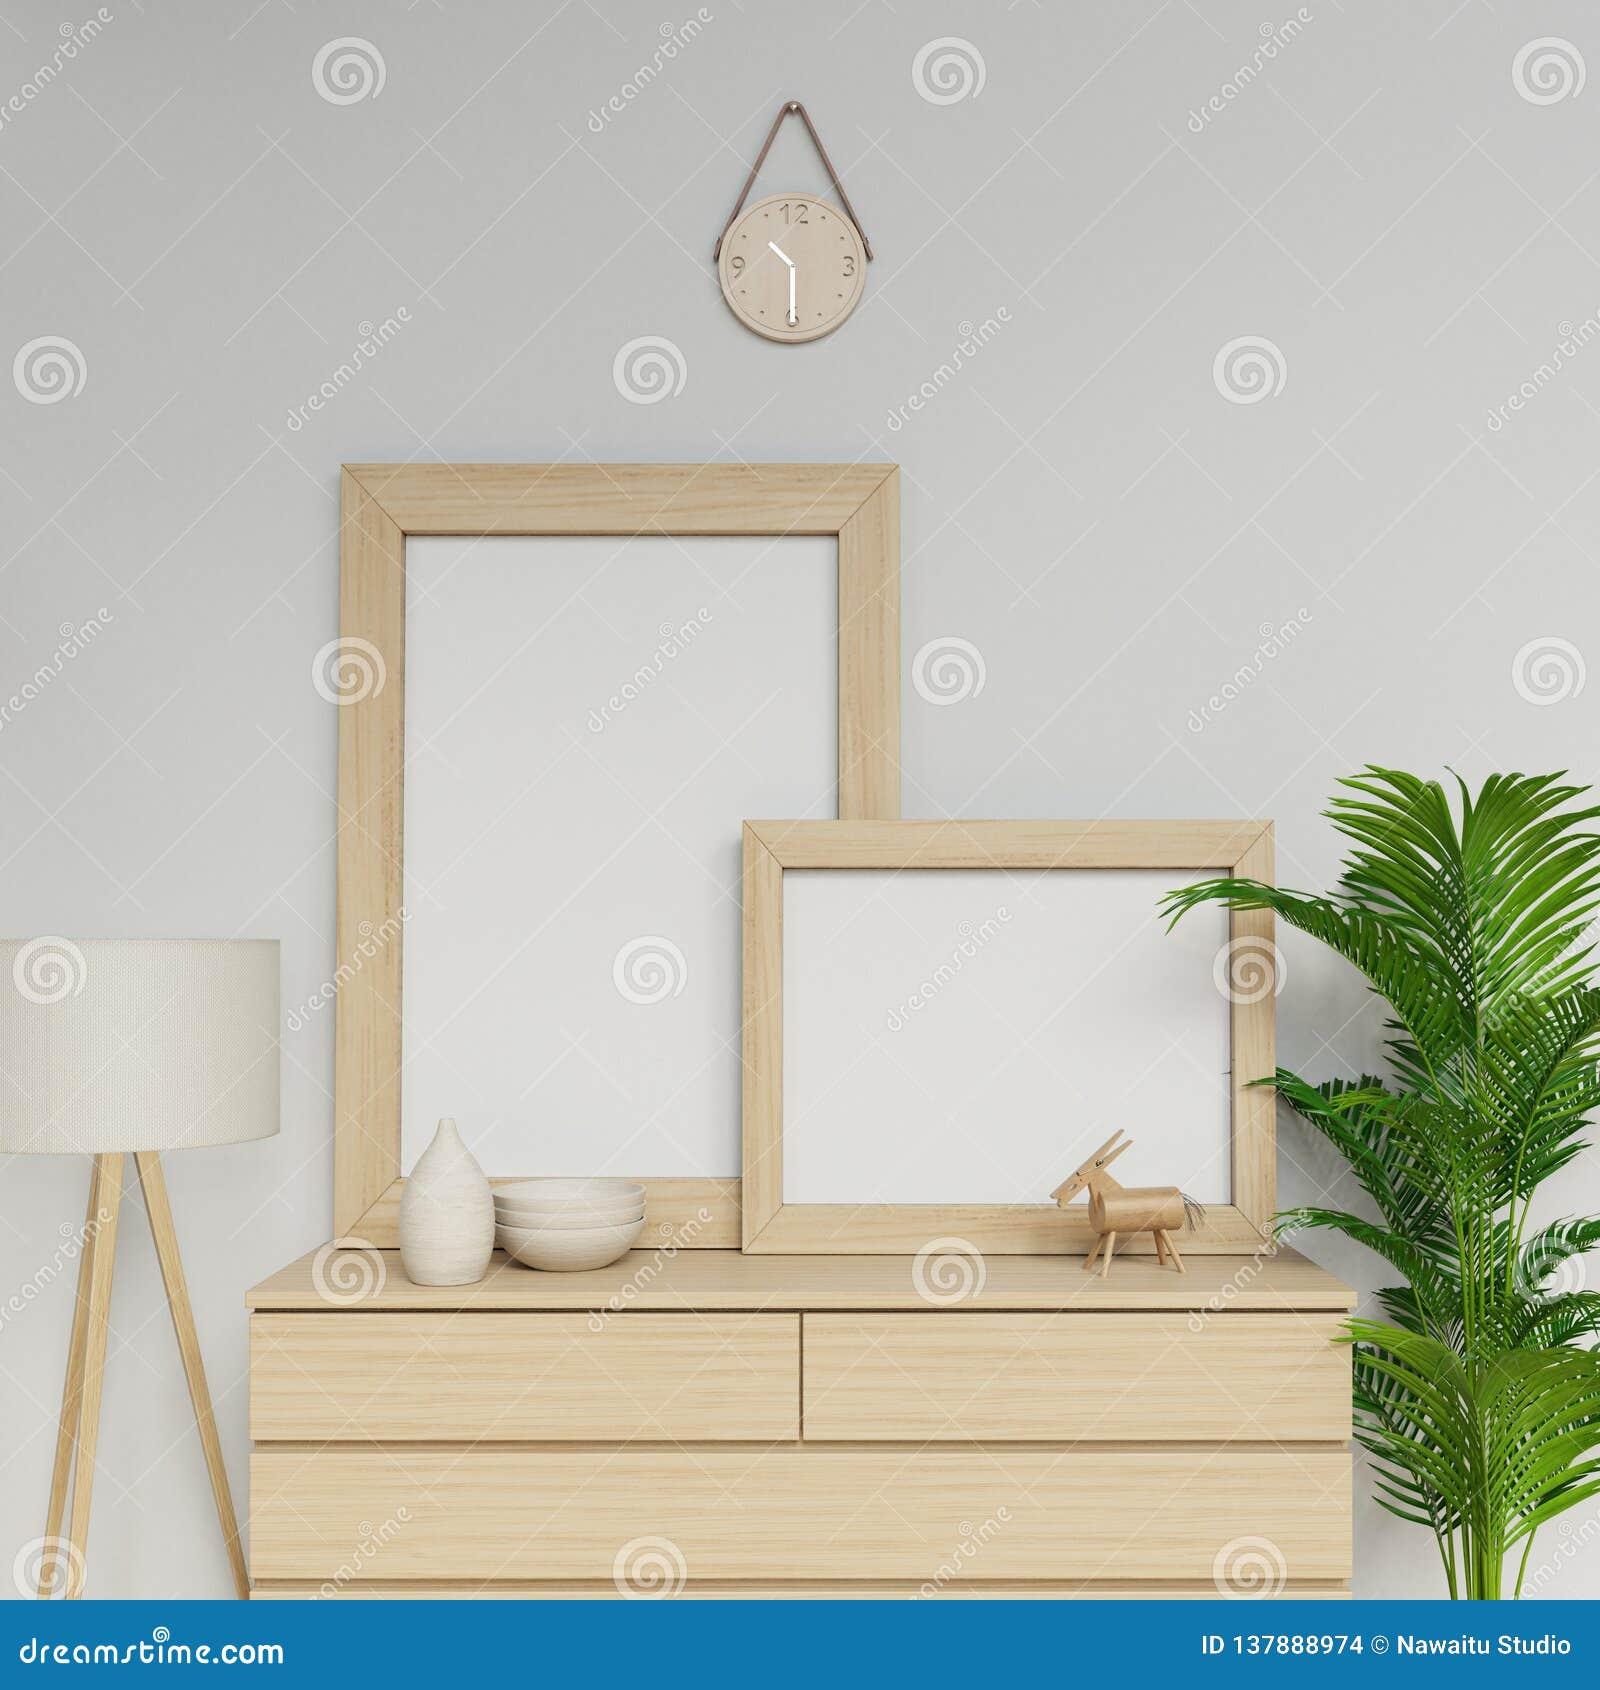 Photorealistic 3d представляют простого скандинавского интерьера дома с шаблоном модель-макета 2 пустым плакатов a1 и a2 с деревя